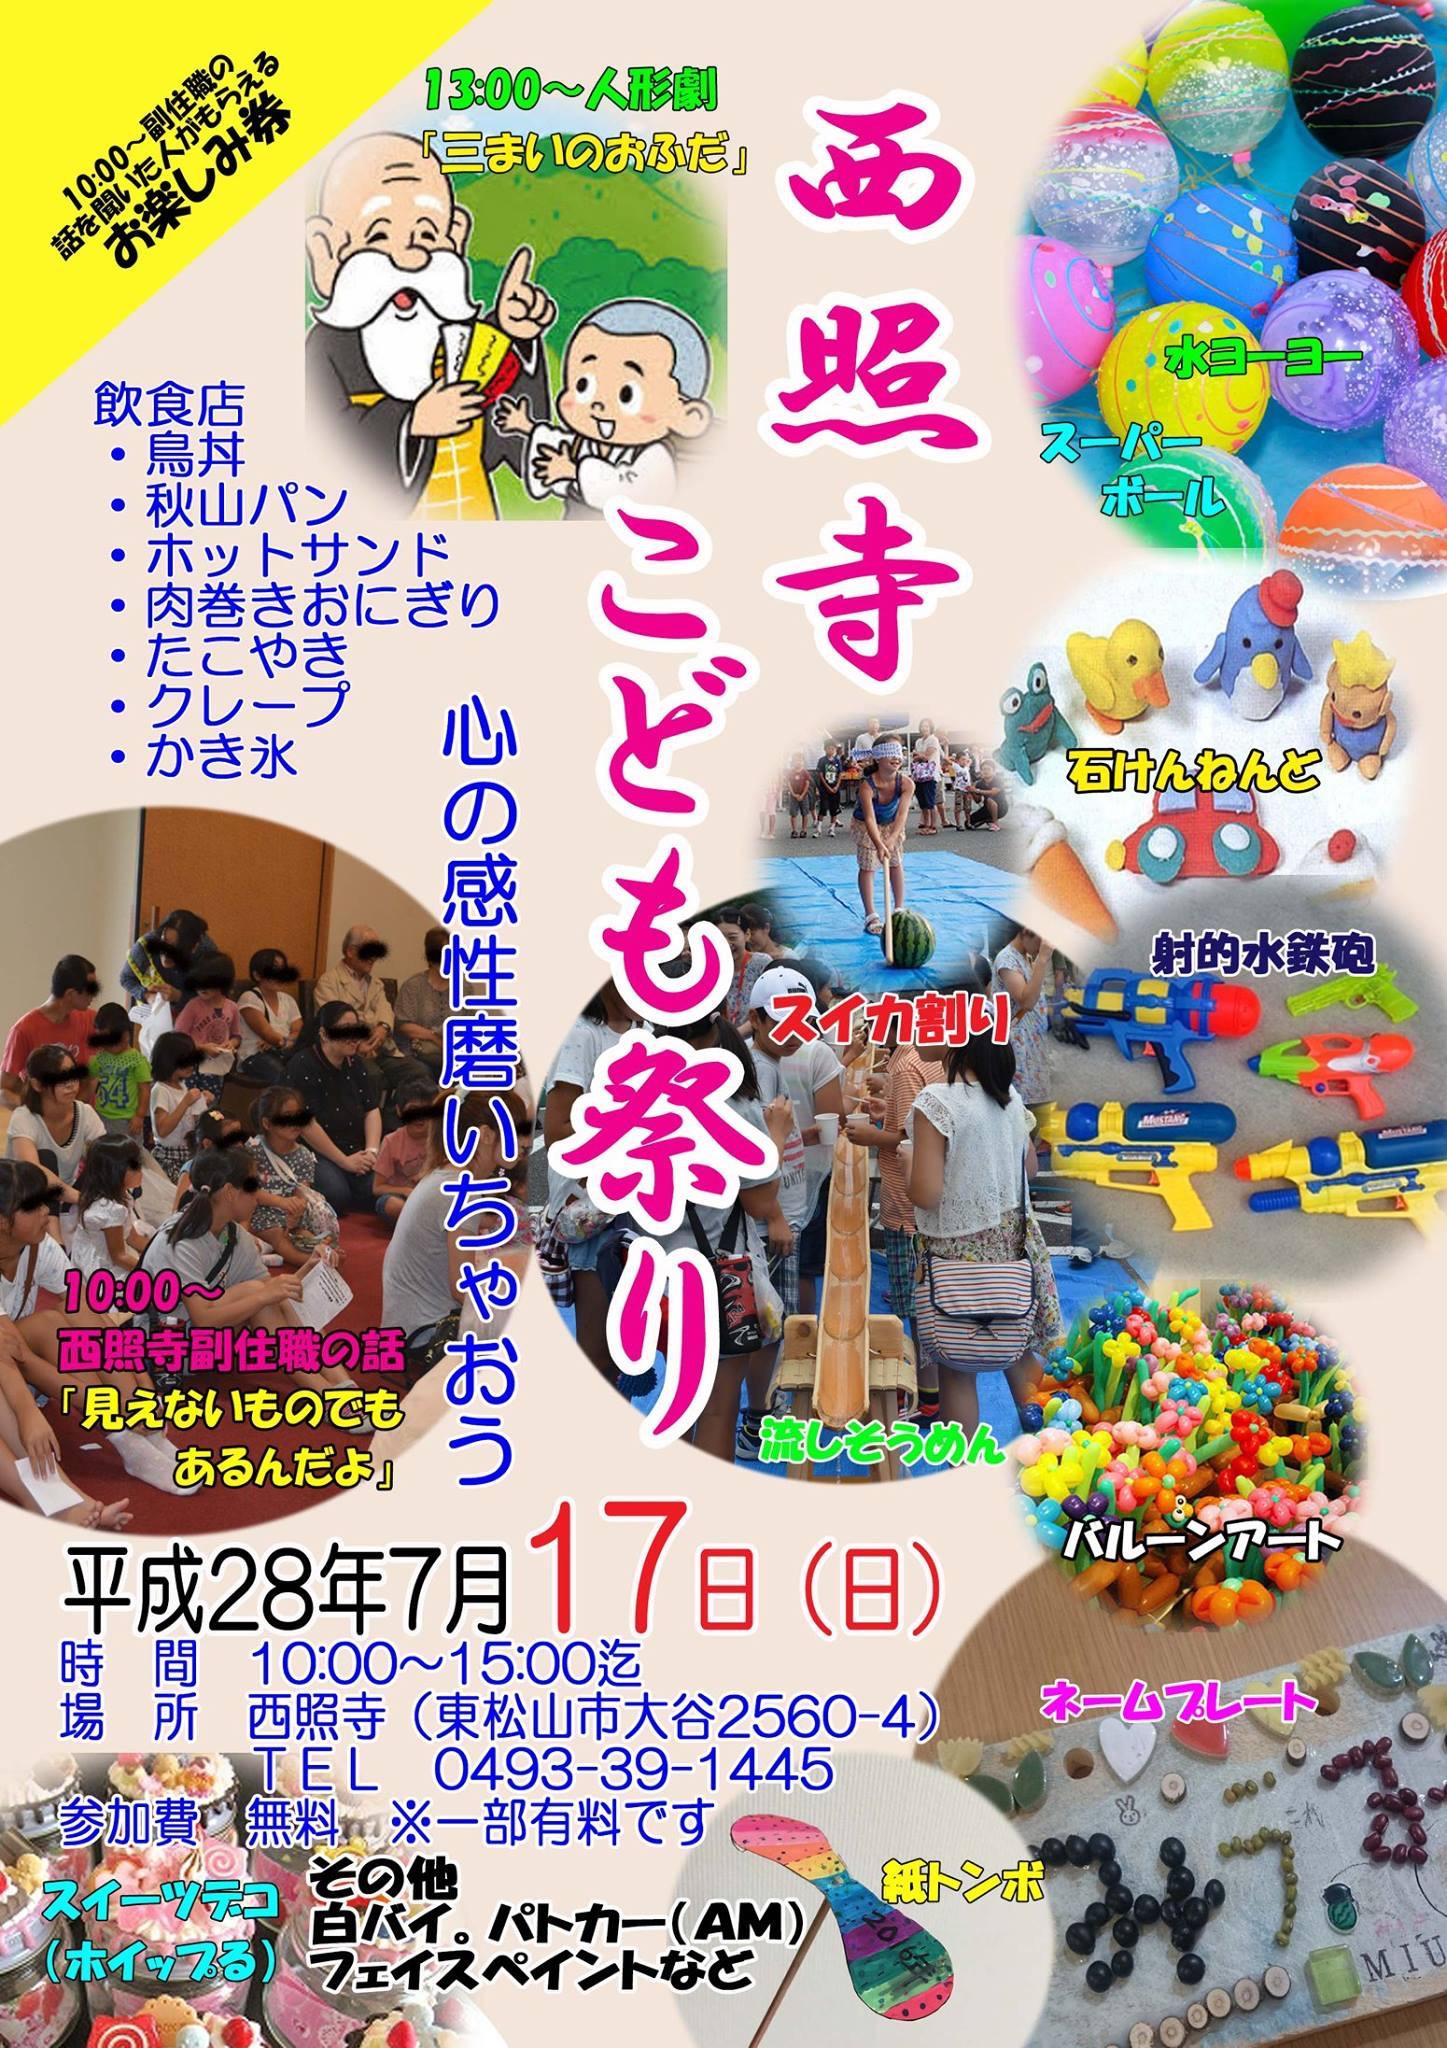 今年は7月17日の土曜に行われる市内大谷の西照寺こども祭り。毎年行ってますが、有